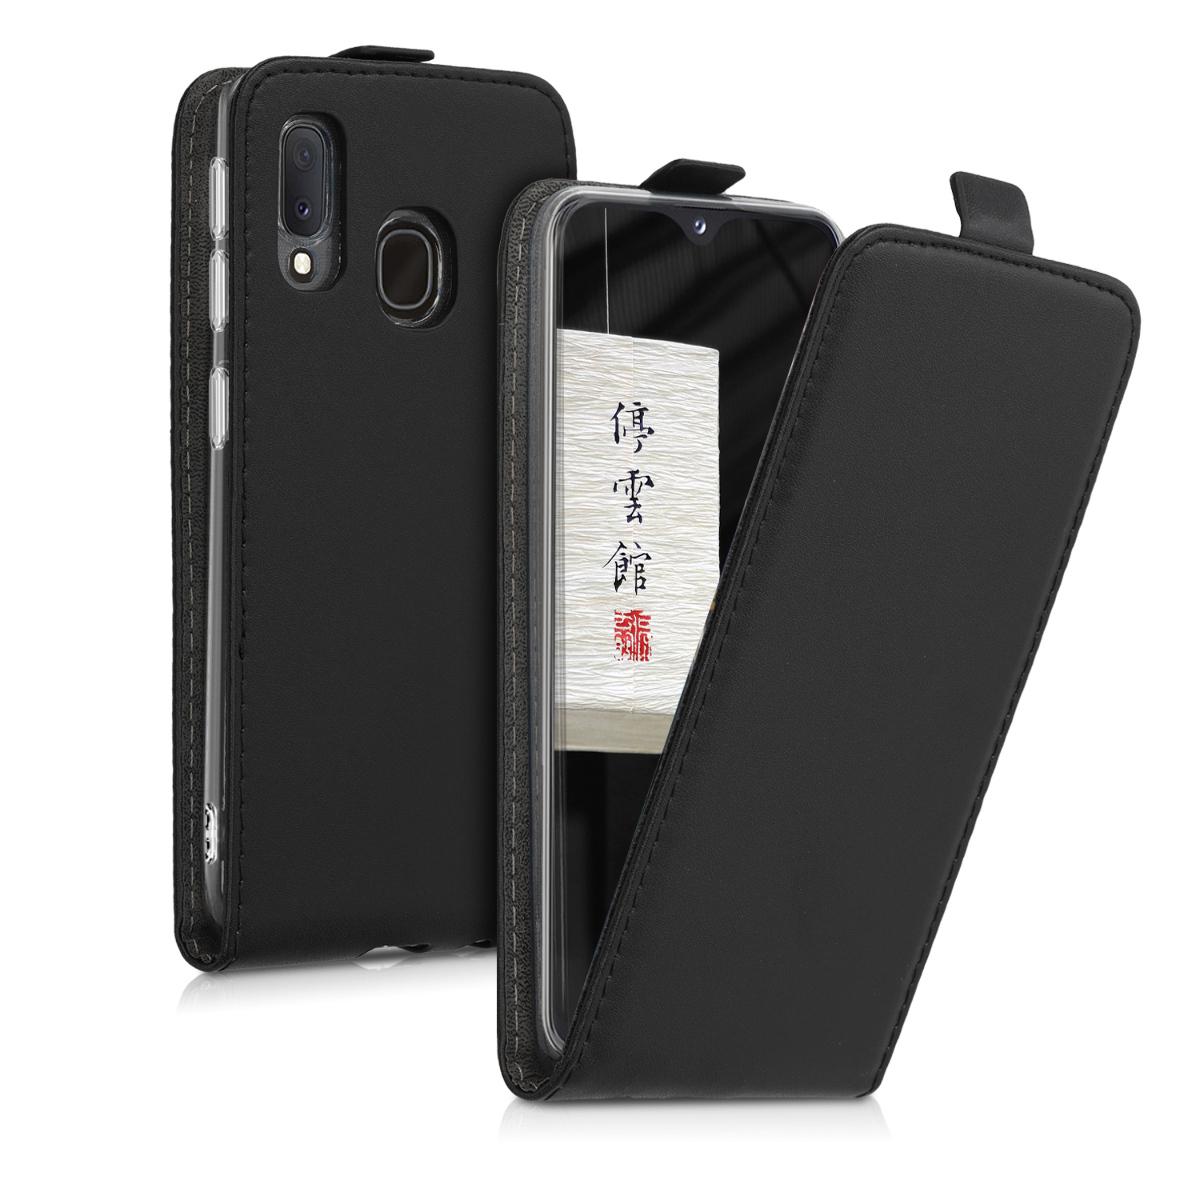 KW Flip Θήκη Samsung Galaxy A20e - Black (48752.01)